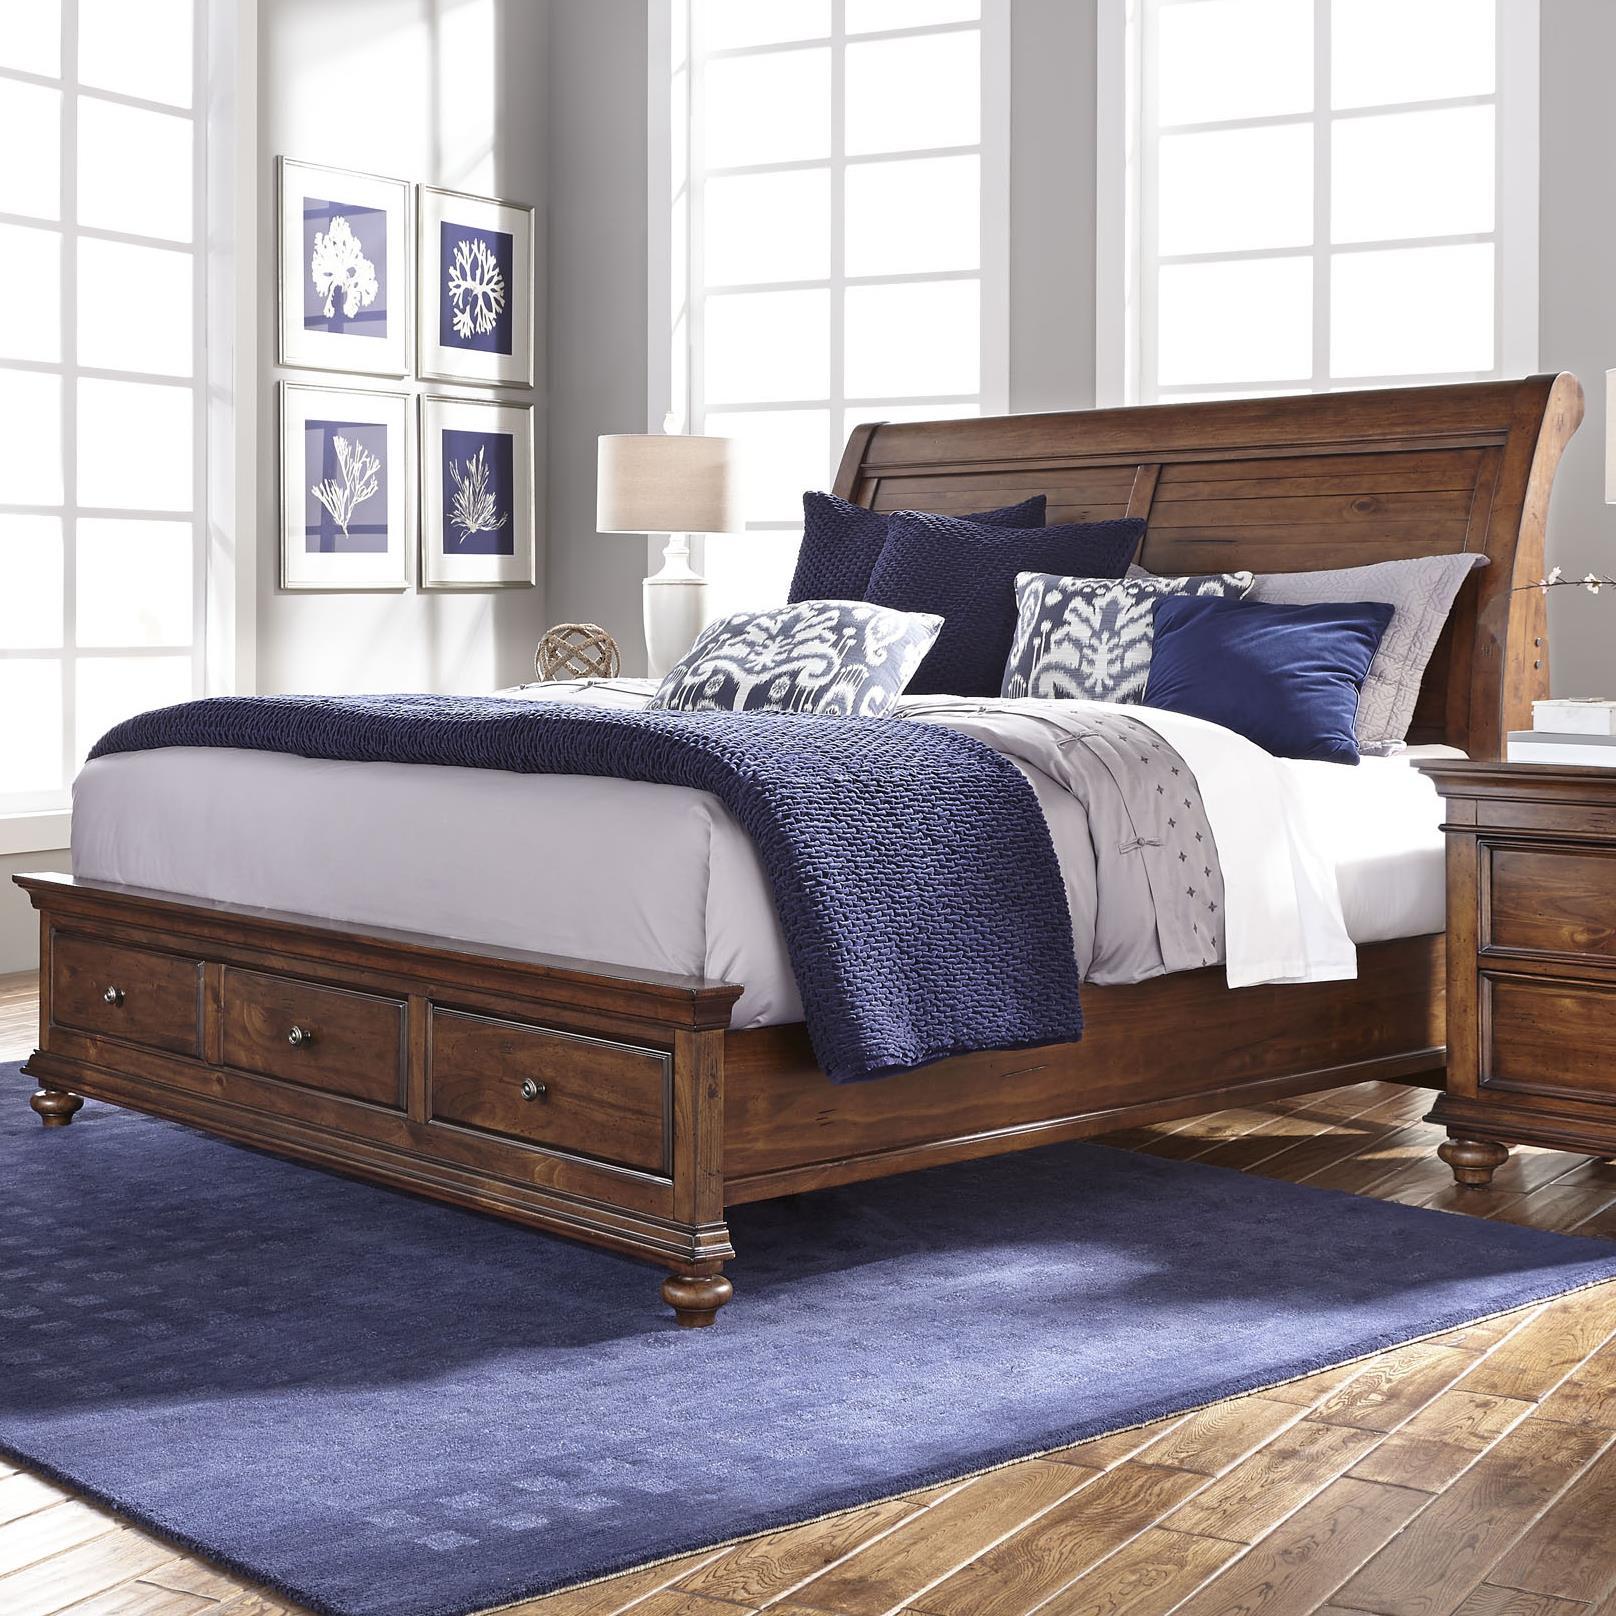 Aspenhome Camden Queen Sleigh Bed - Item Number: I57-400+403D+402